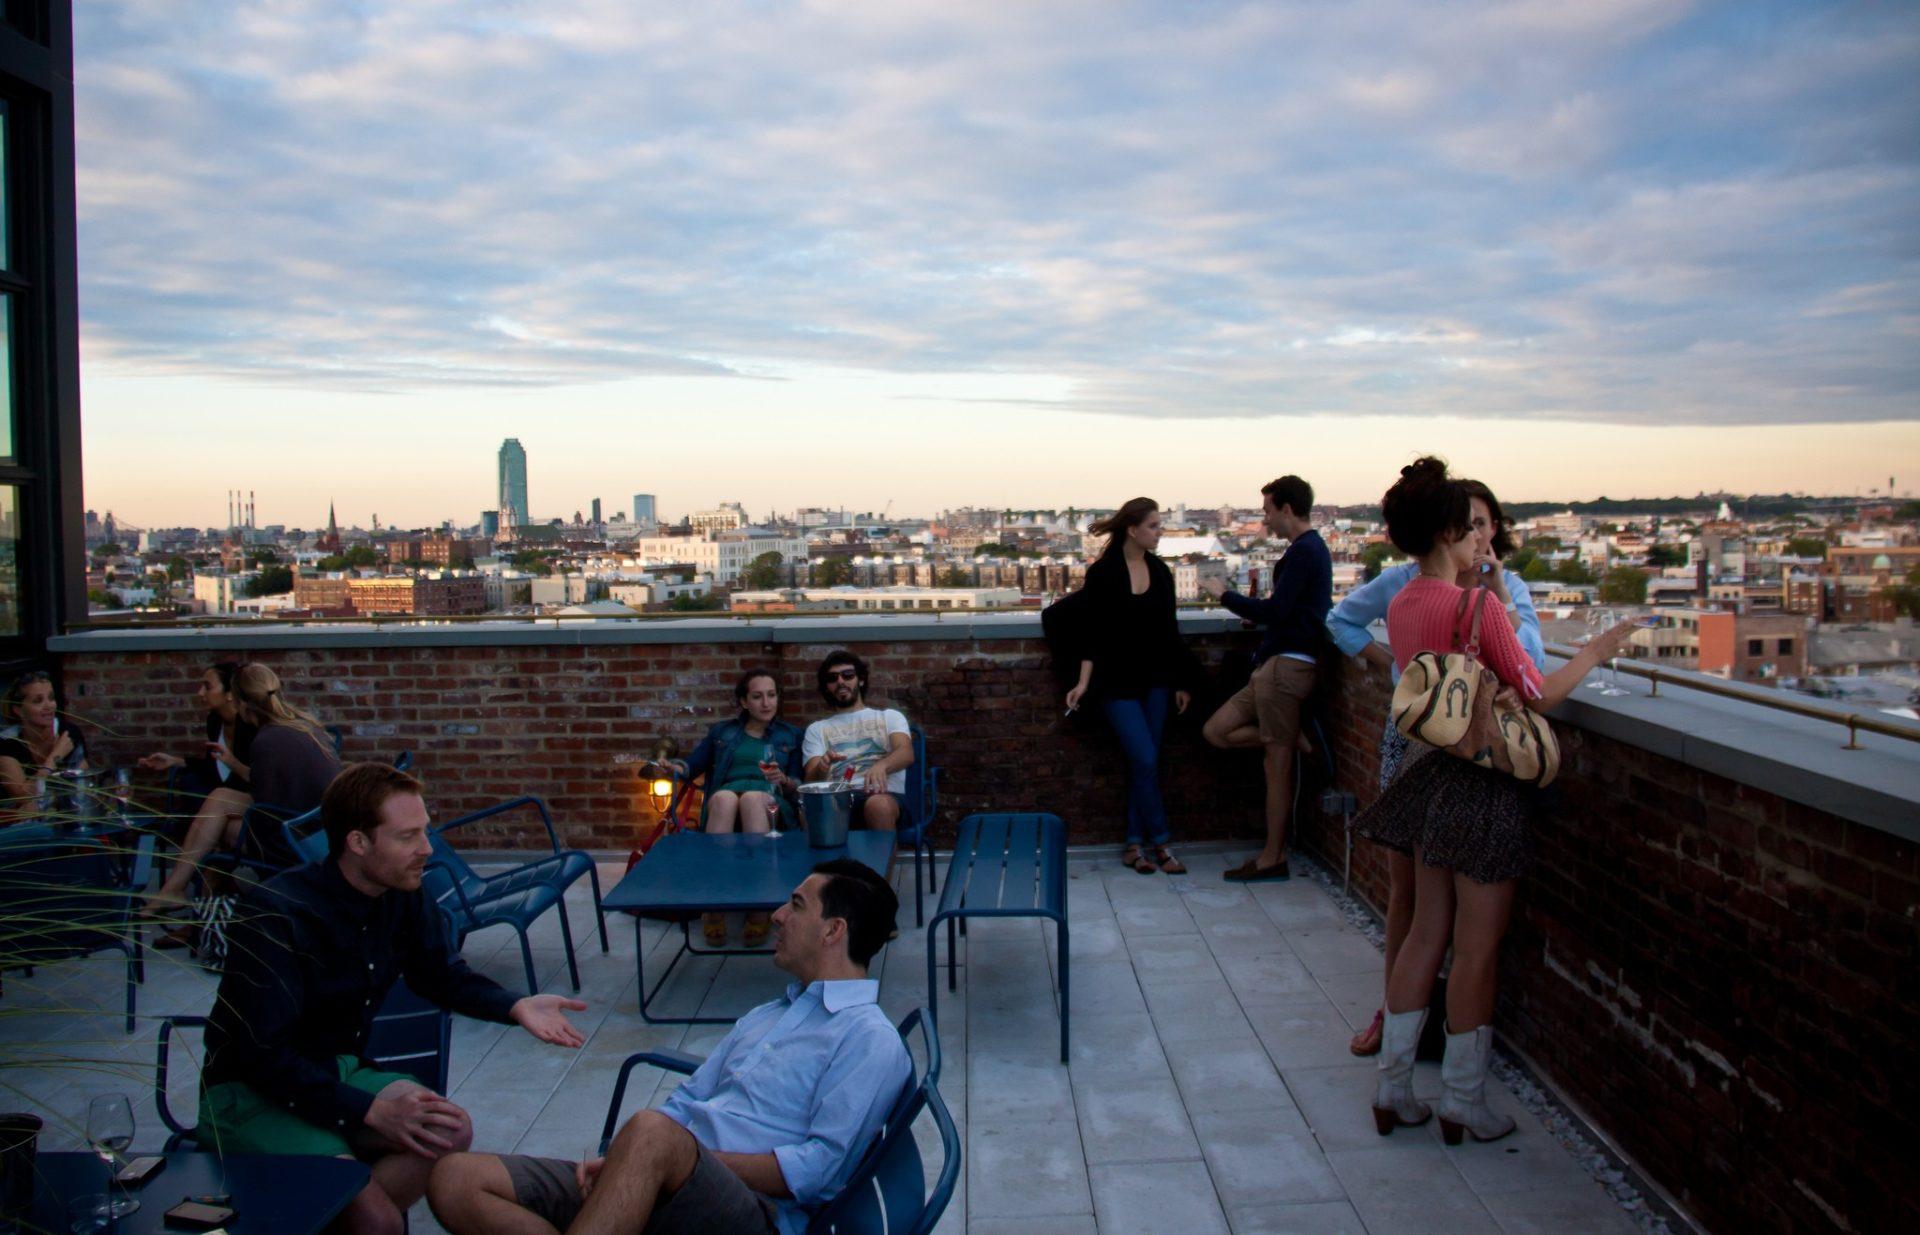 Wythe Hotel Rooftop Bar - Williamsburg, Brooklyn. Photo by Chris Goldberg via Flickr CC